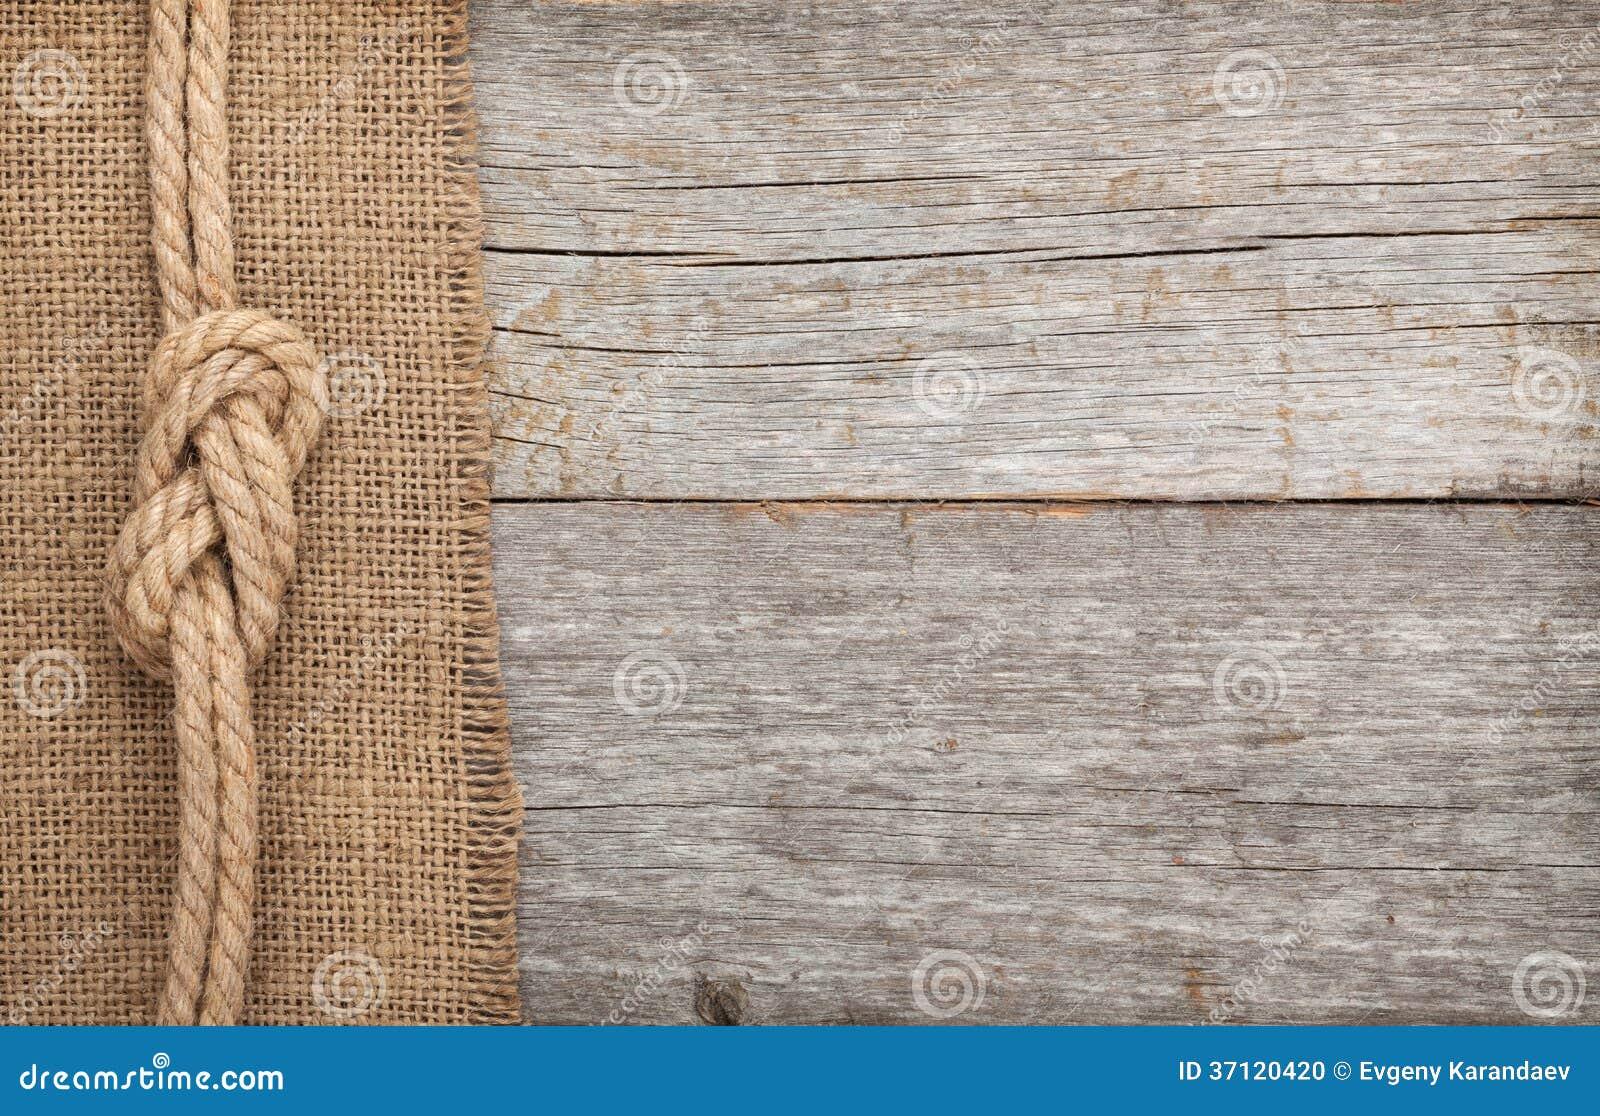 La cuerda de la nave en la madera y la arpillera texturizan el fondo